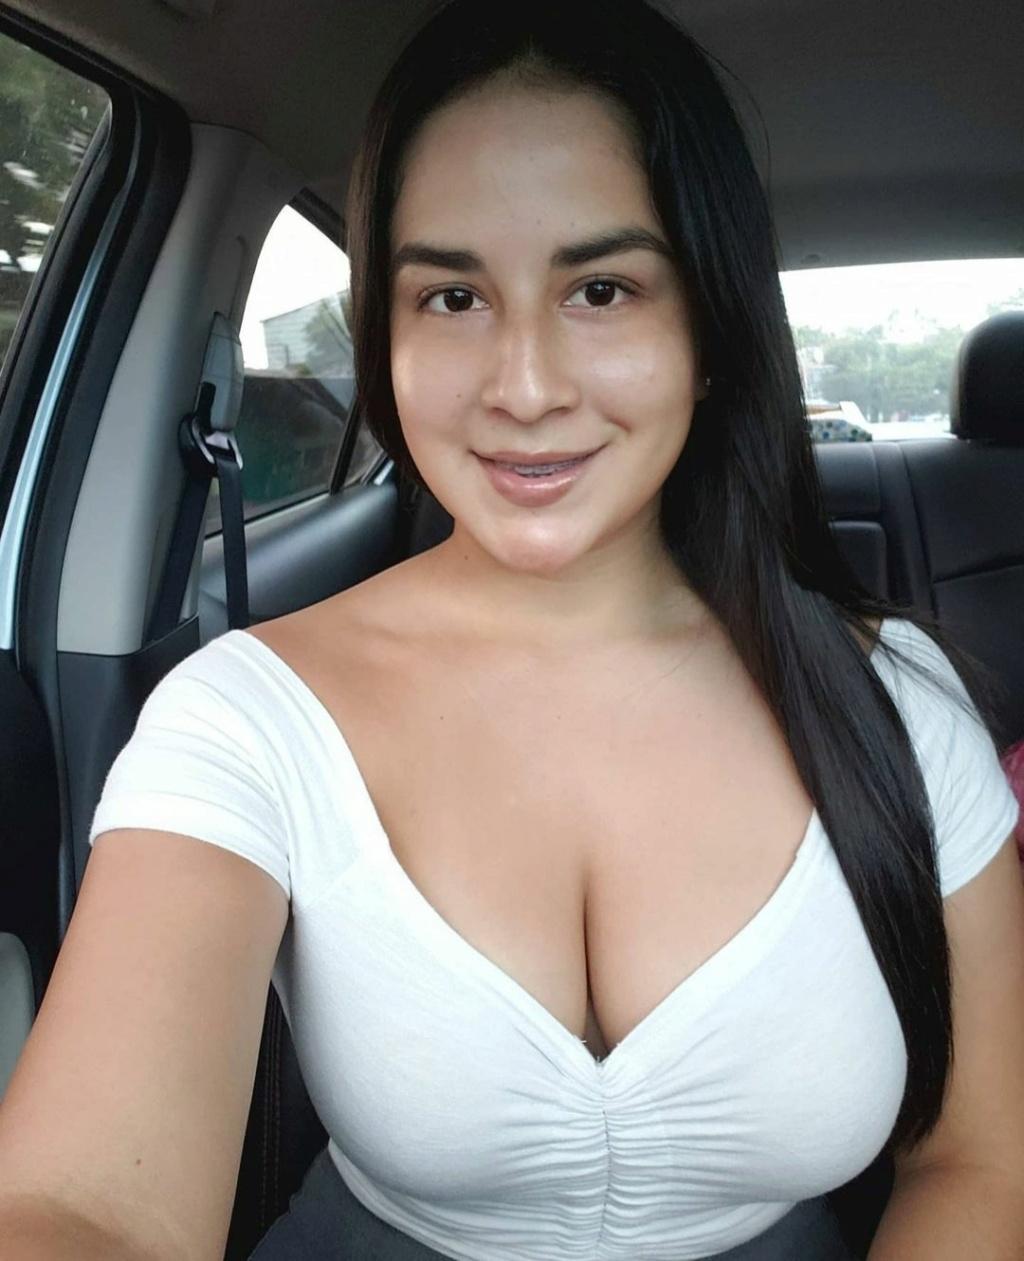 DEBATE sobre belleza, guapura y hermosura (fotos de chicas latinas, mestizas, y de todo) - VOL II - Página 14 Img_1659